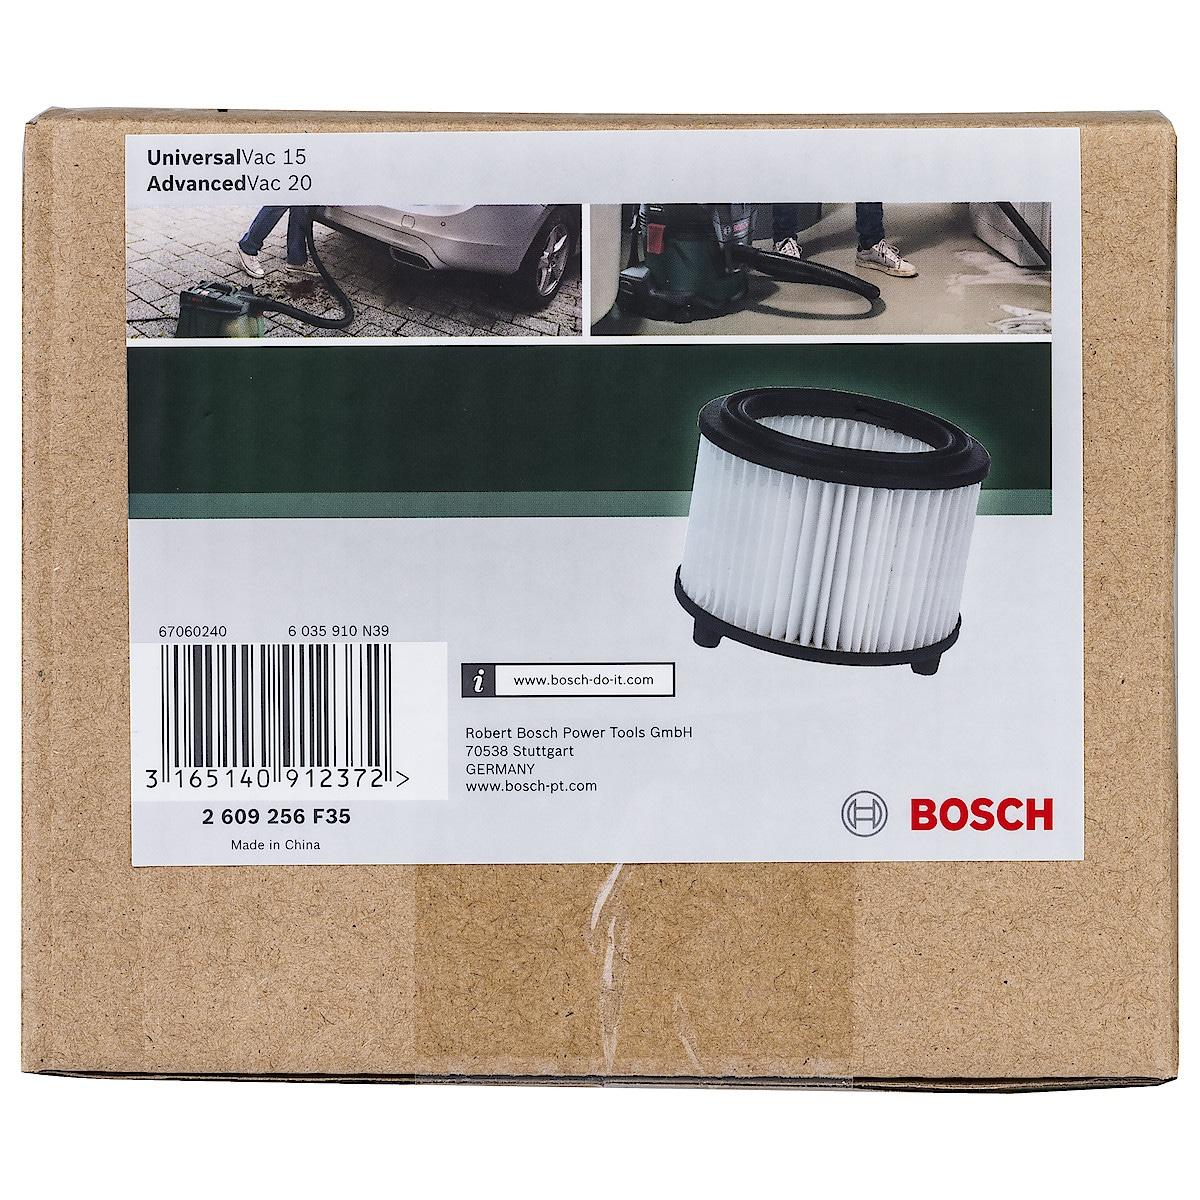 Poimusuodatin Boschin kuiva- ja märkäimureihin